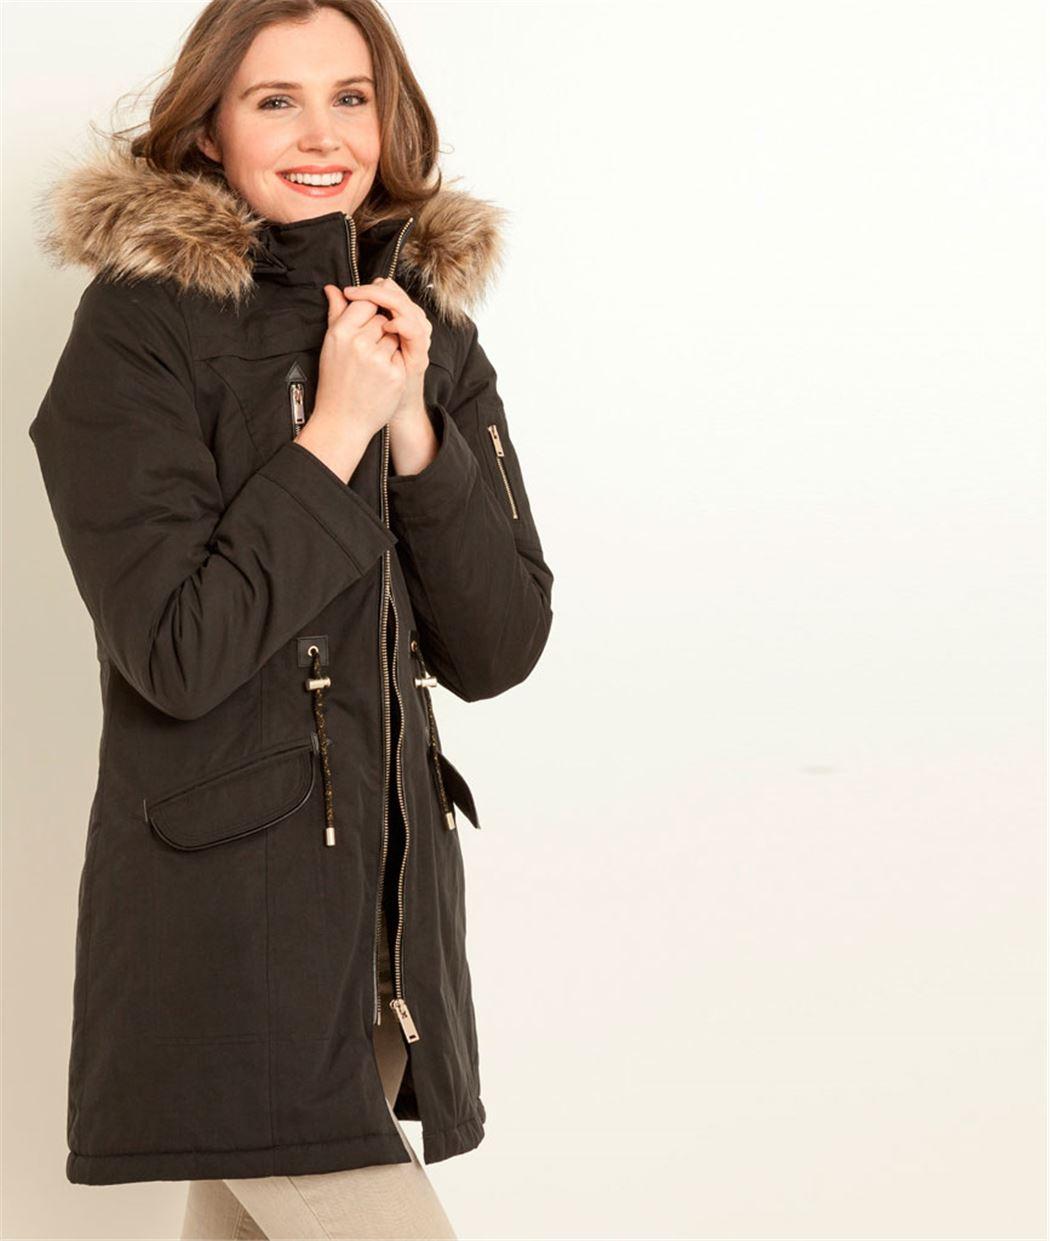 Manteau rouge femme h&m